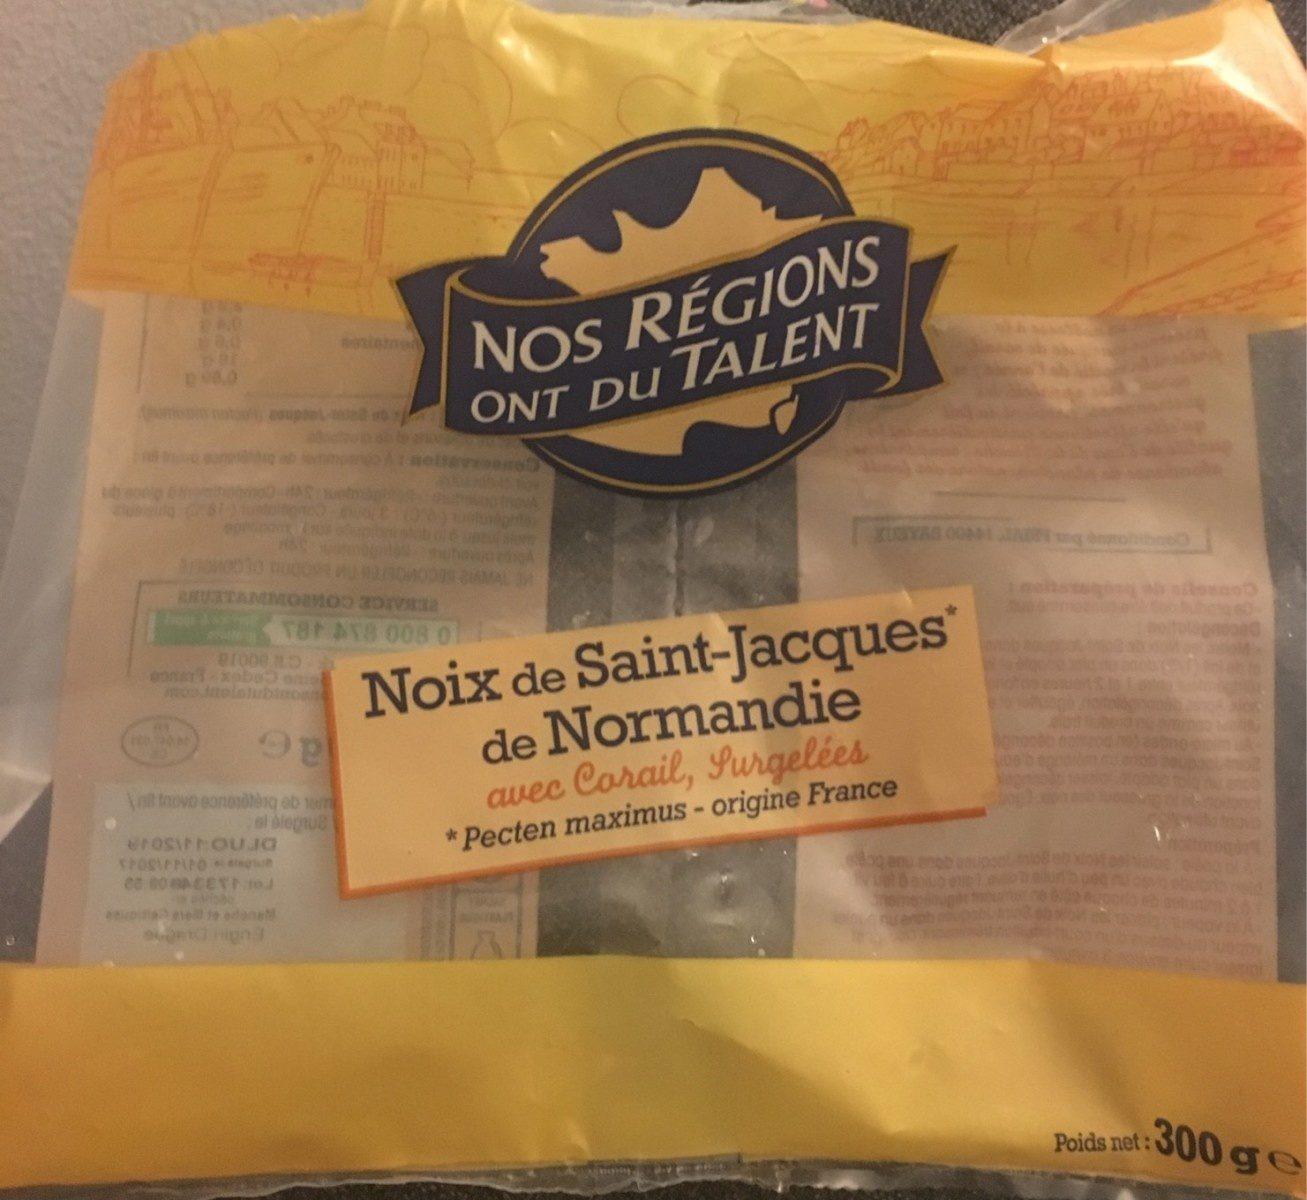 Noix de Saint-Jacques de Normandie - Produit - fr